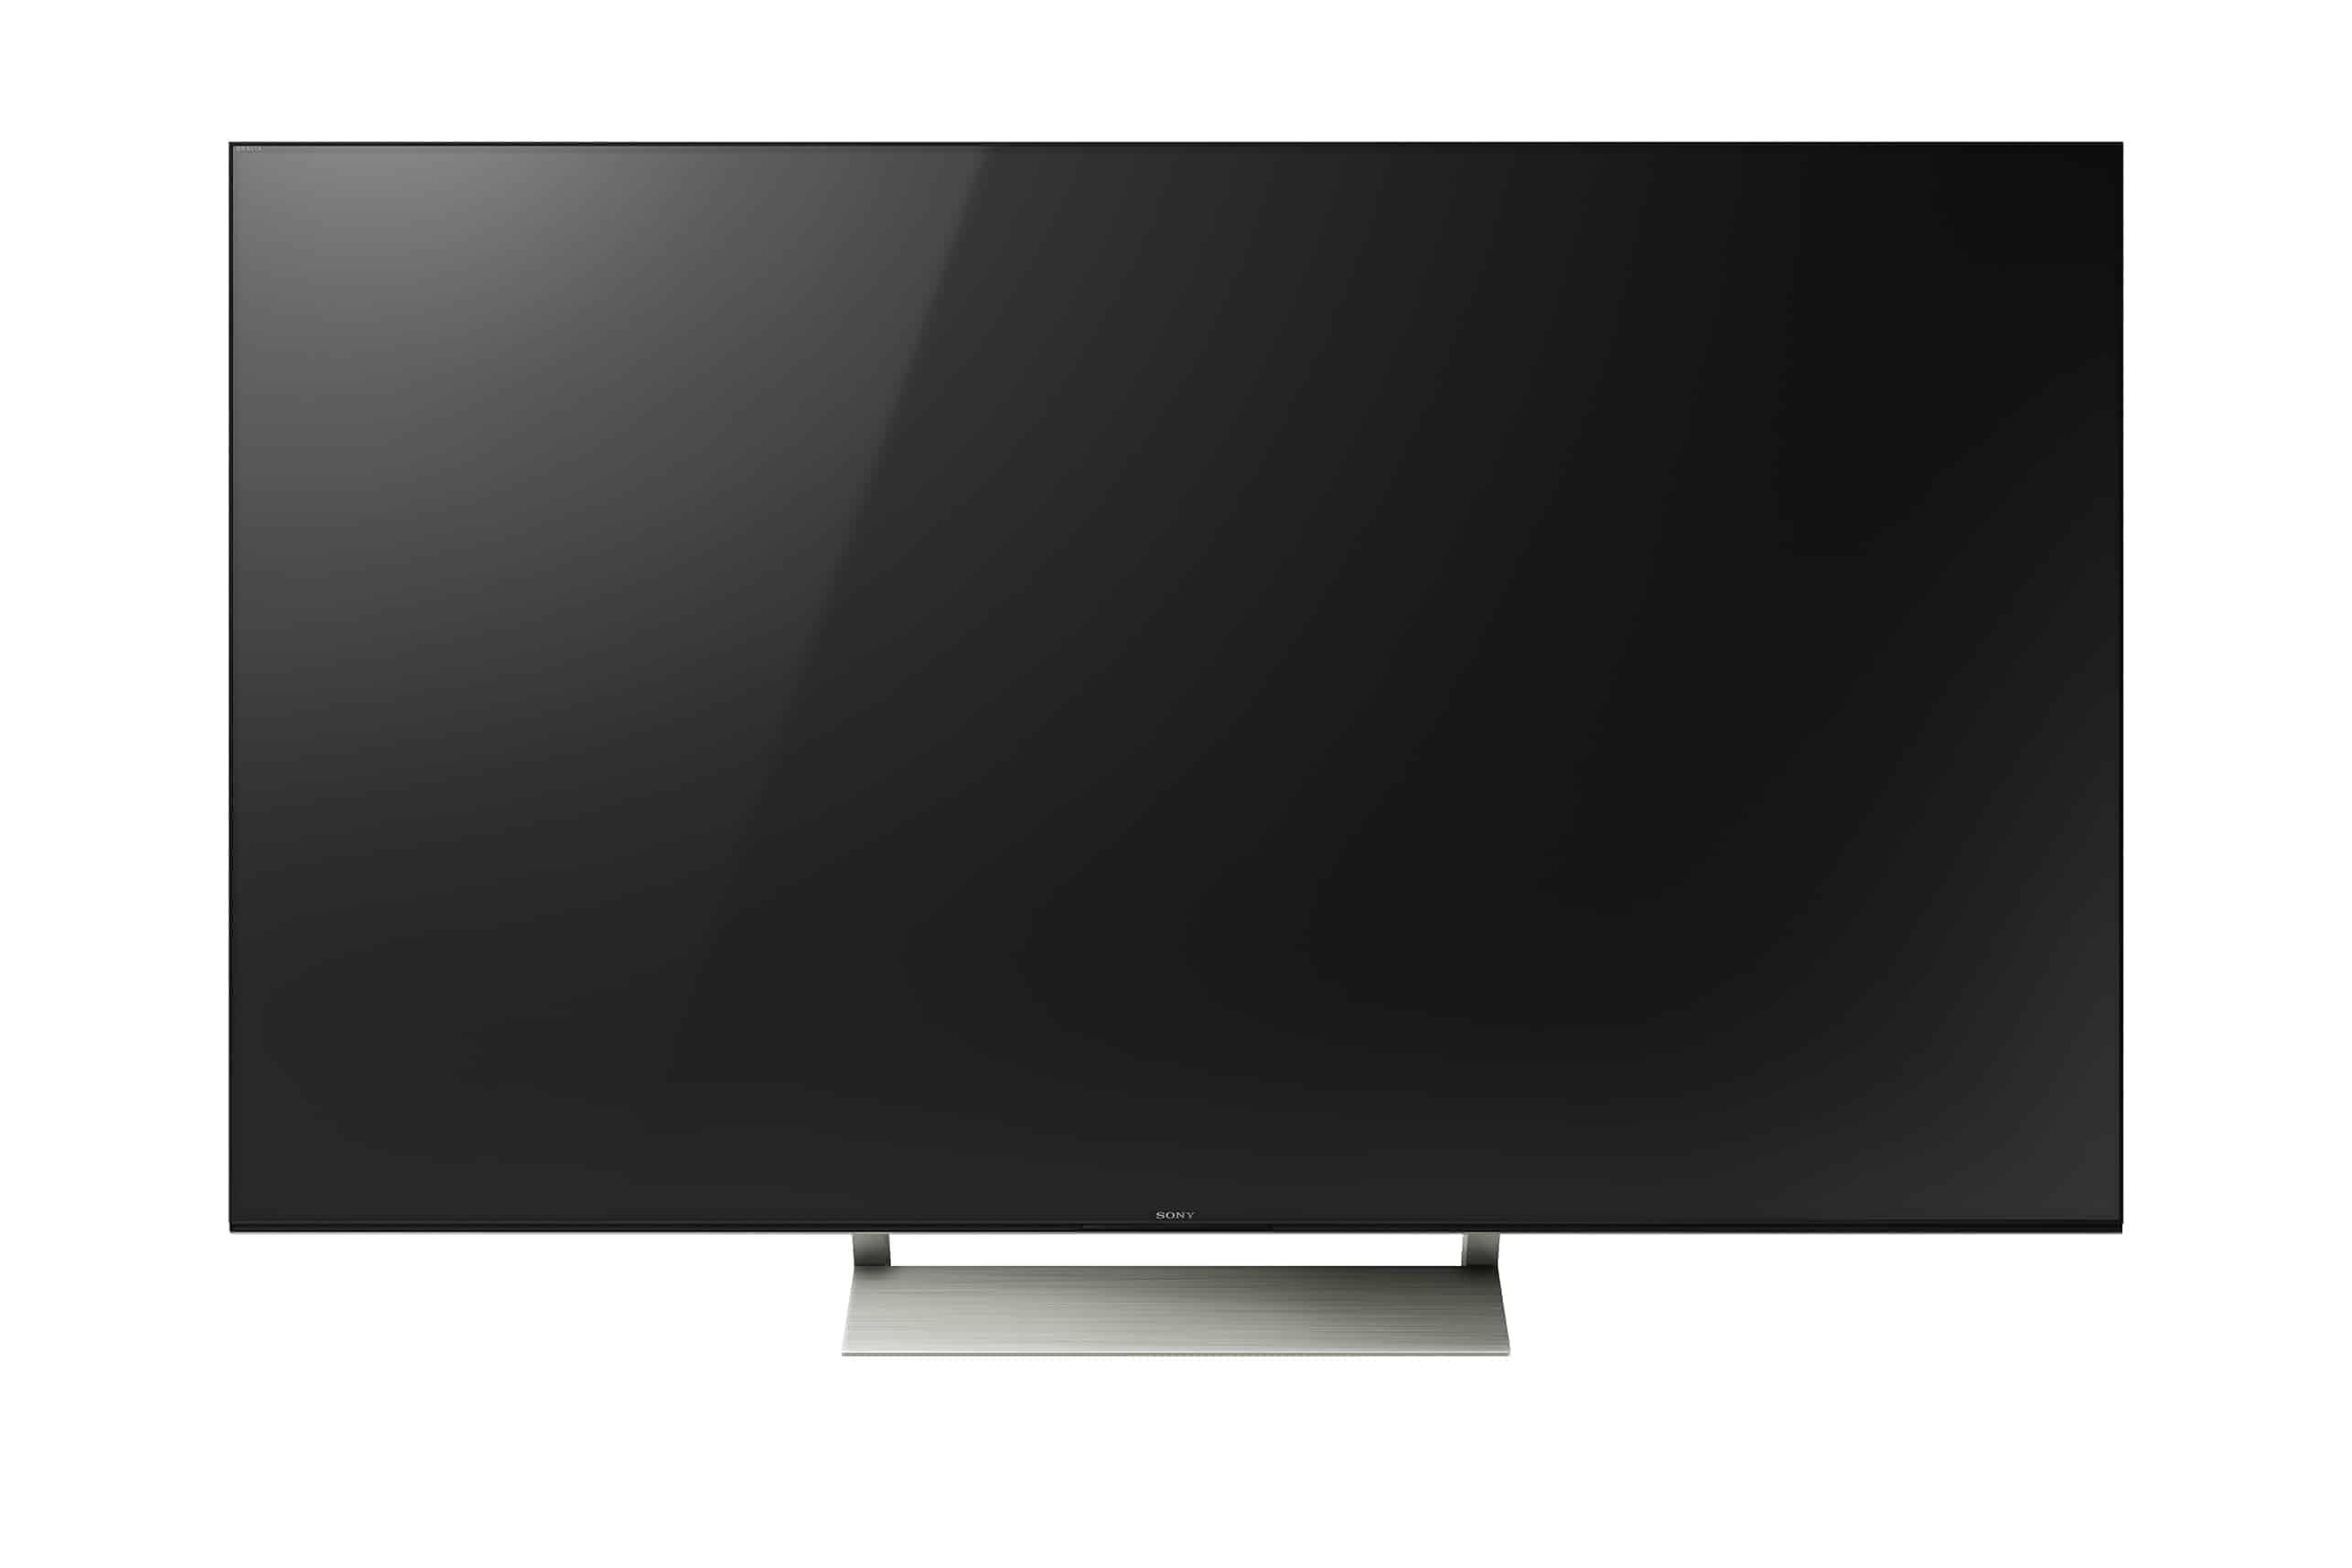 Sony TV CES 5